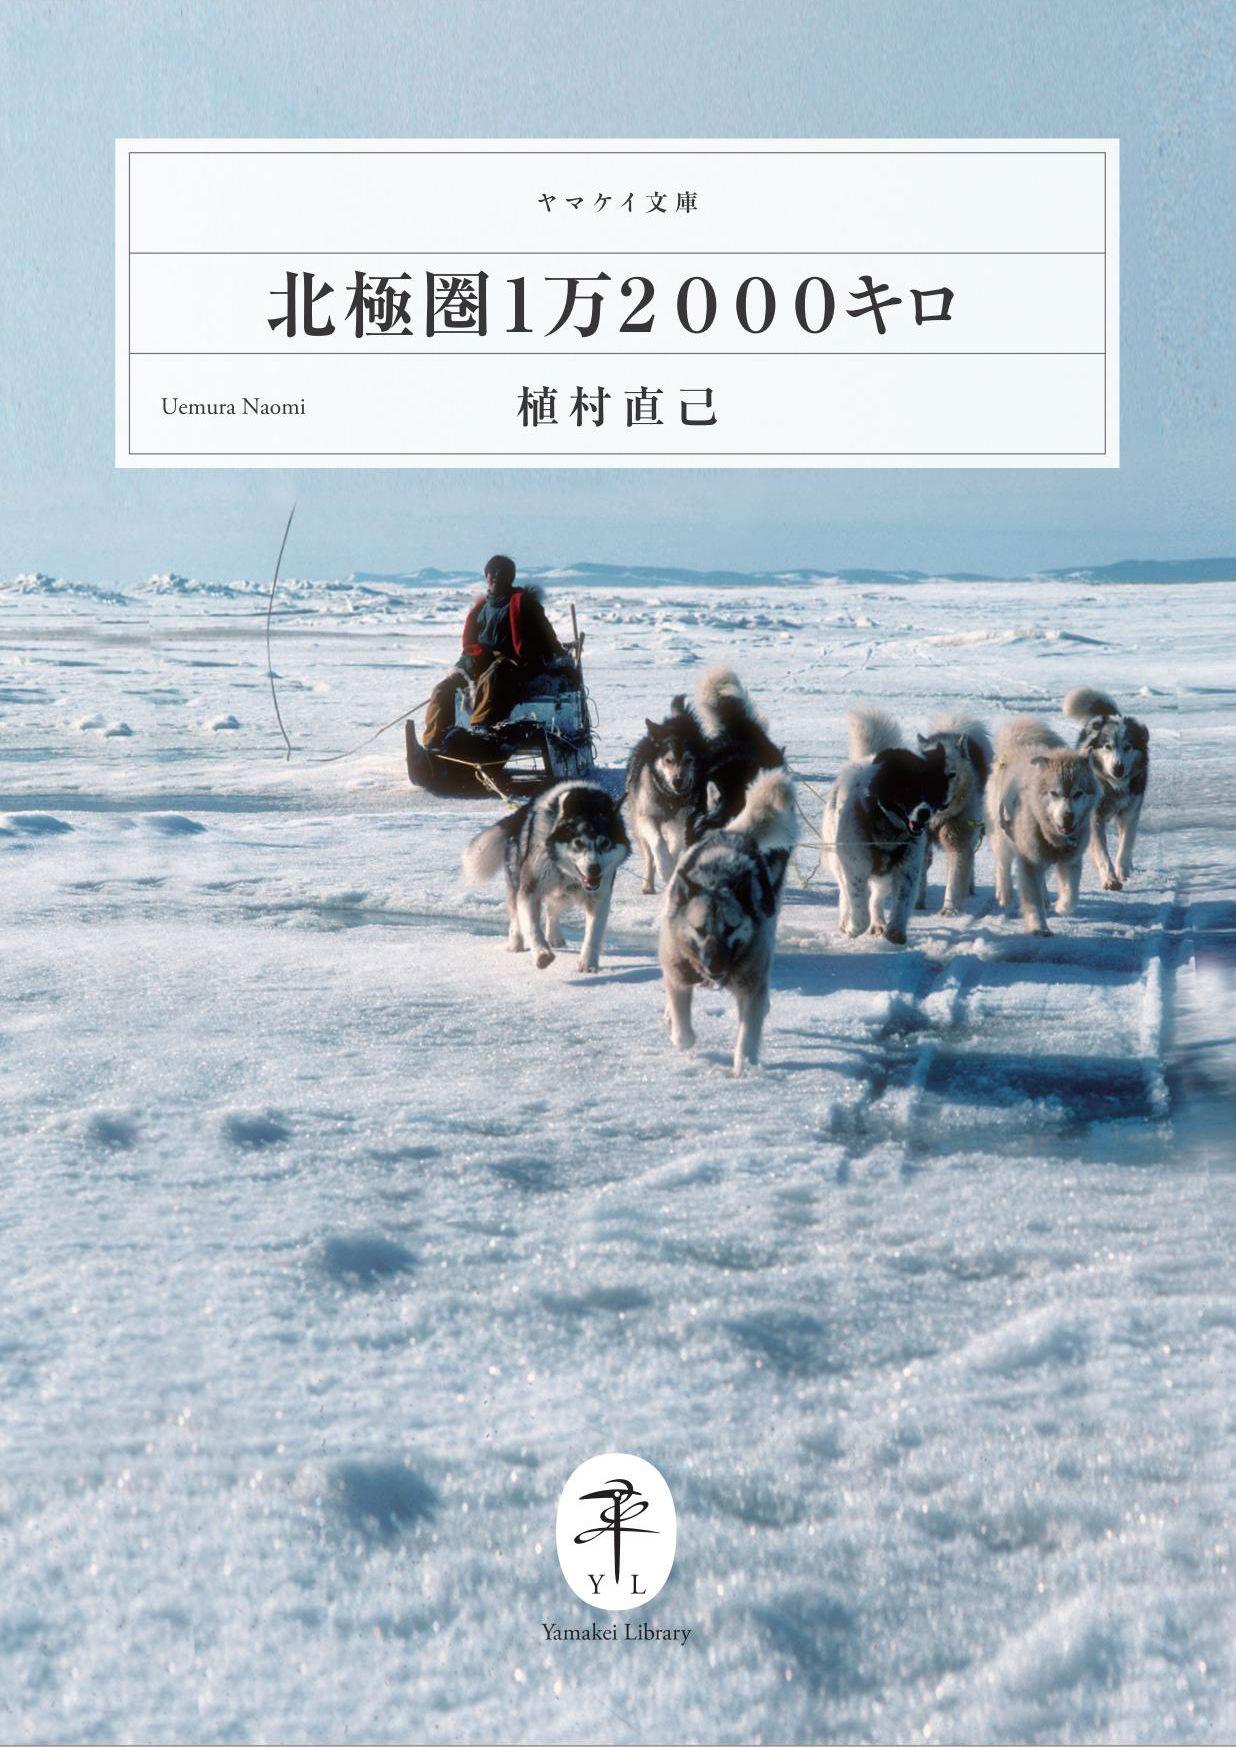 ヤマケイ出版 北極圏 1 万 2000 キロ(植村直己氏 著)